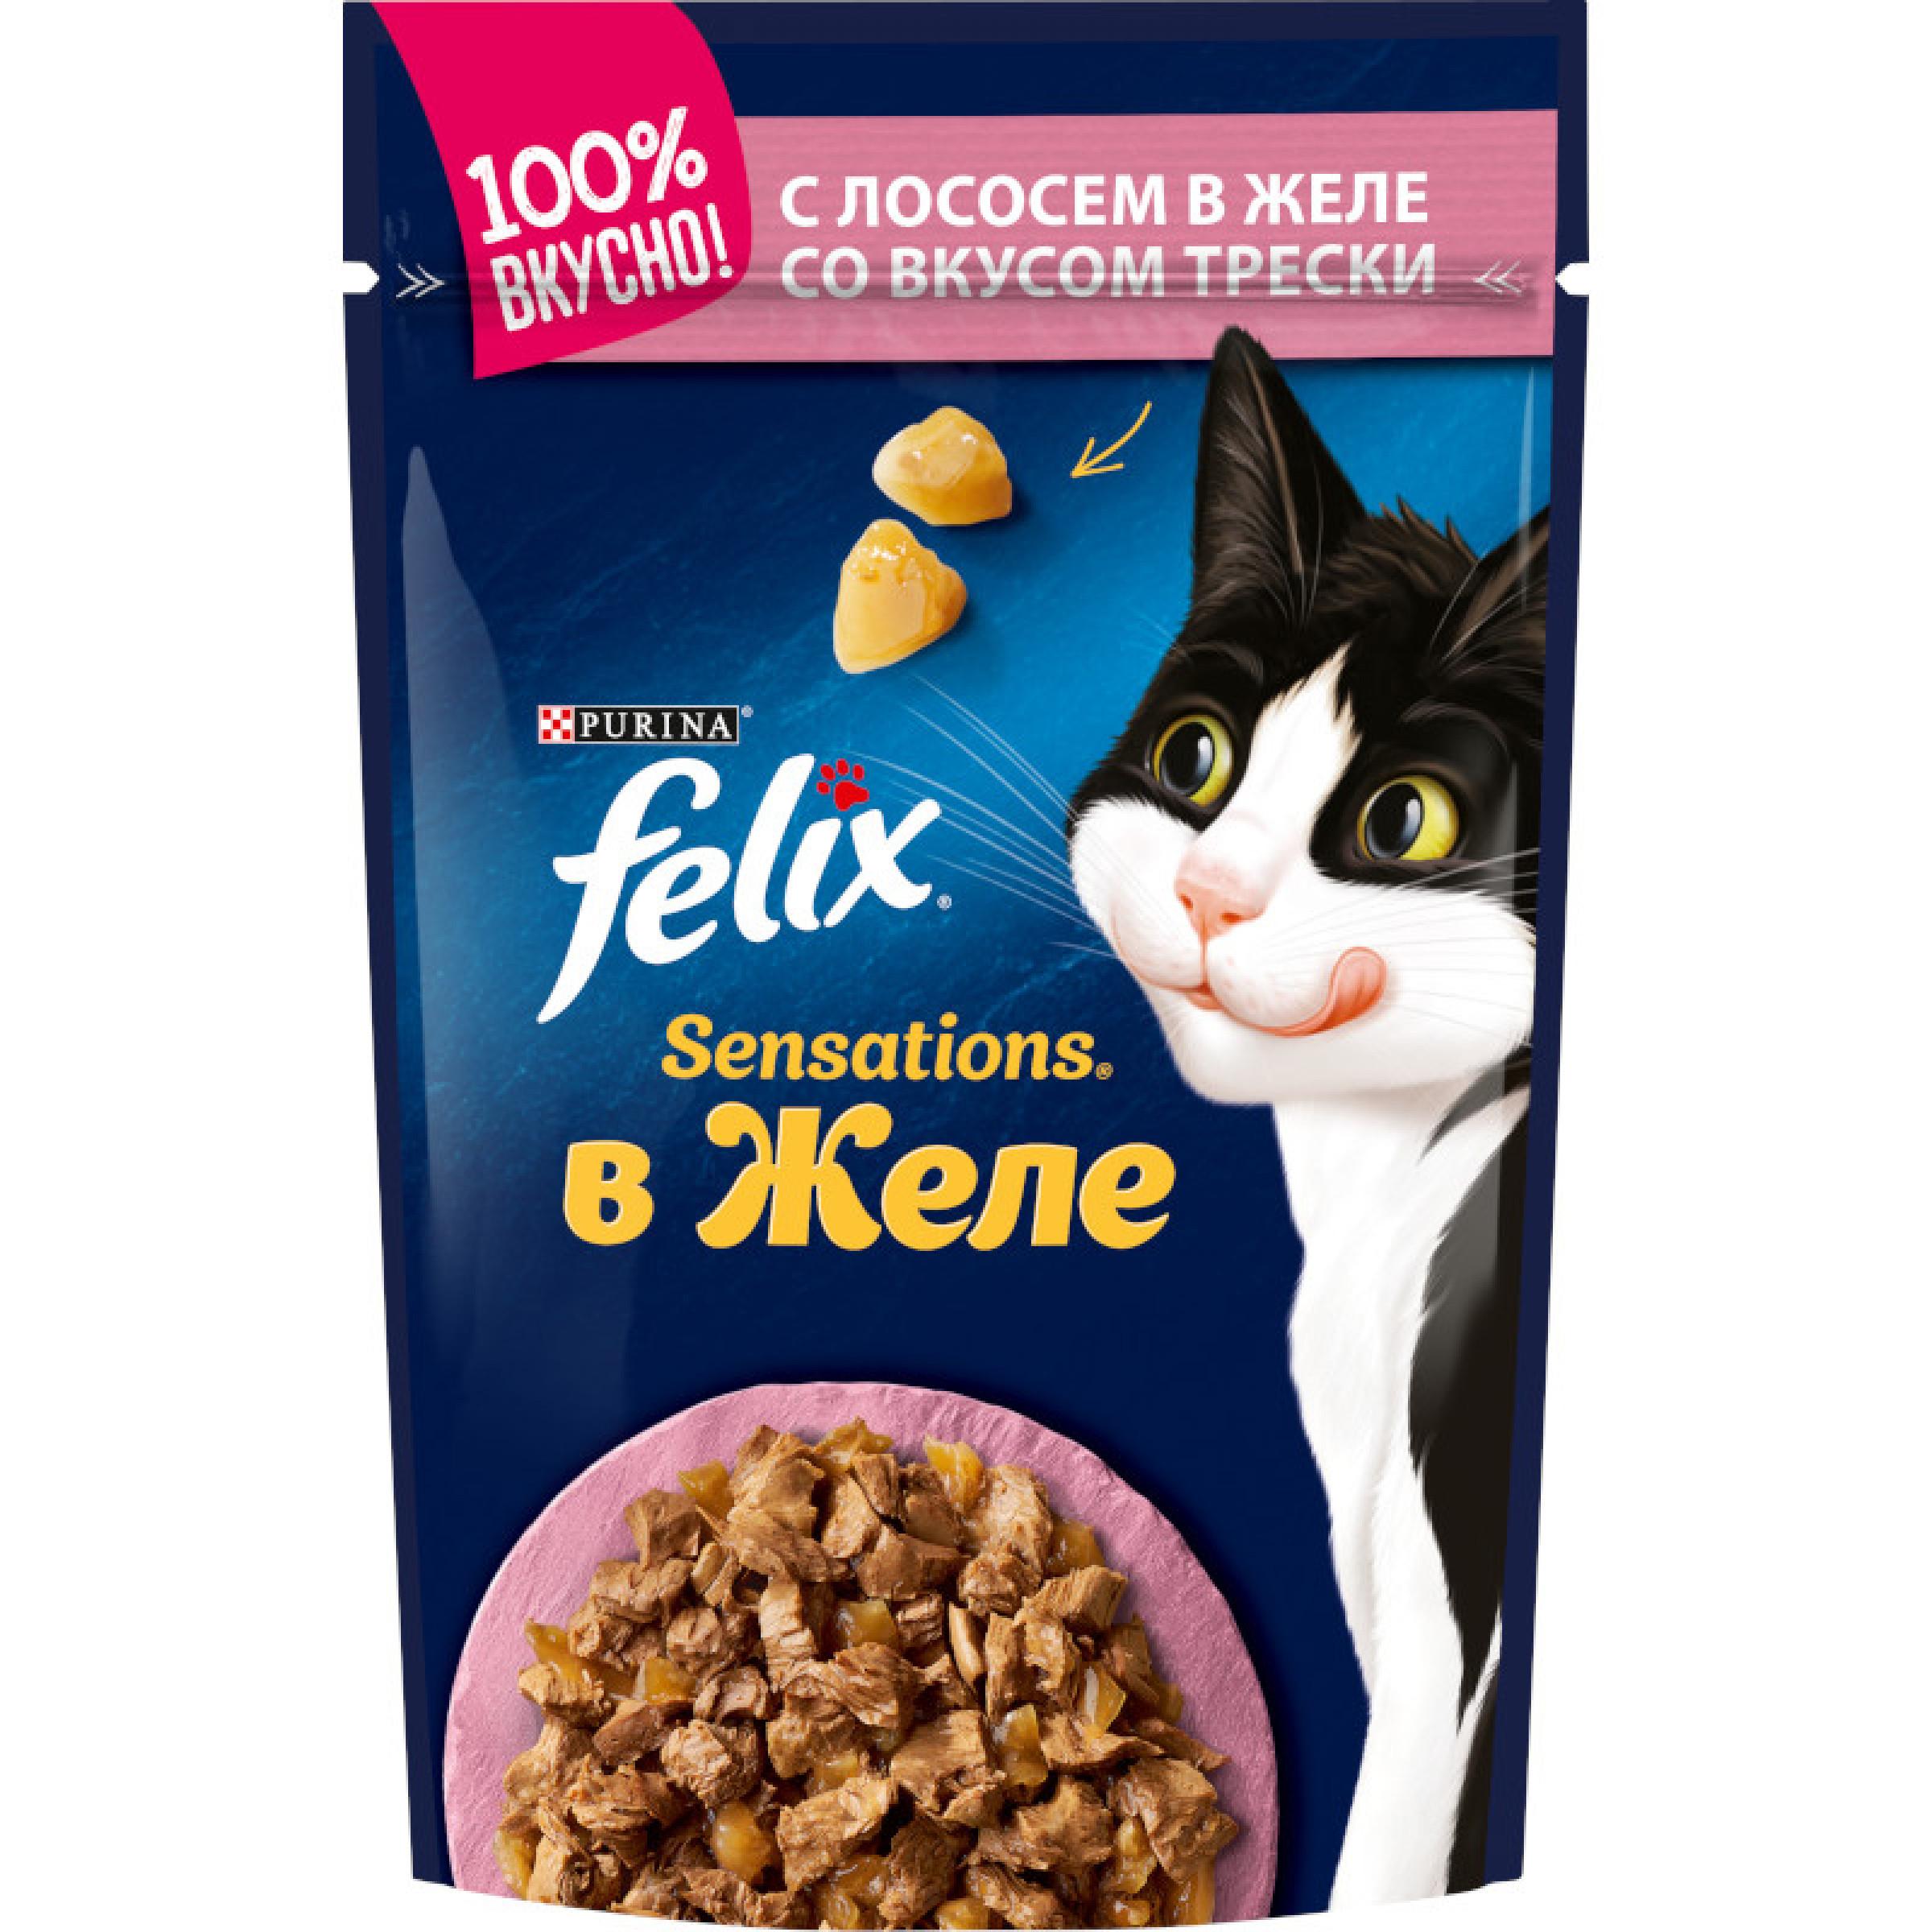 Влажный корм Felix® Sensations® для взрослых кошек, с лососем в